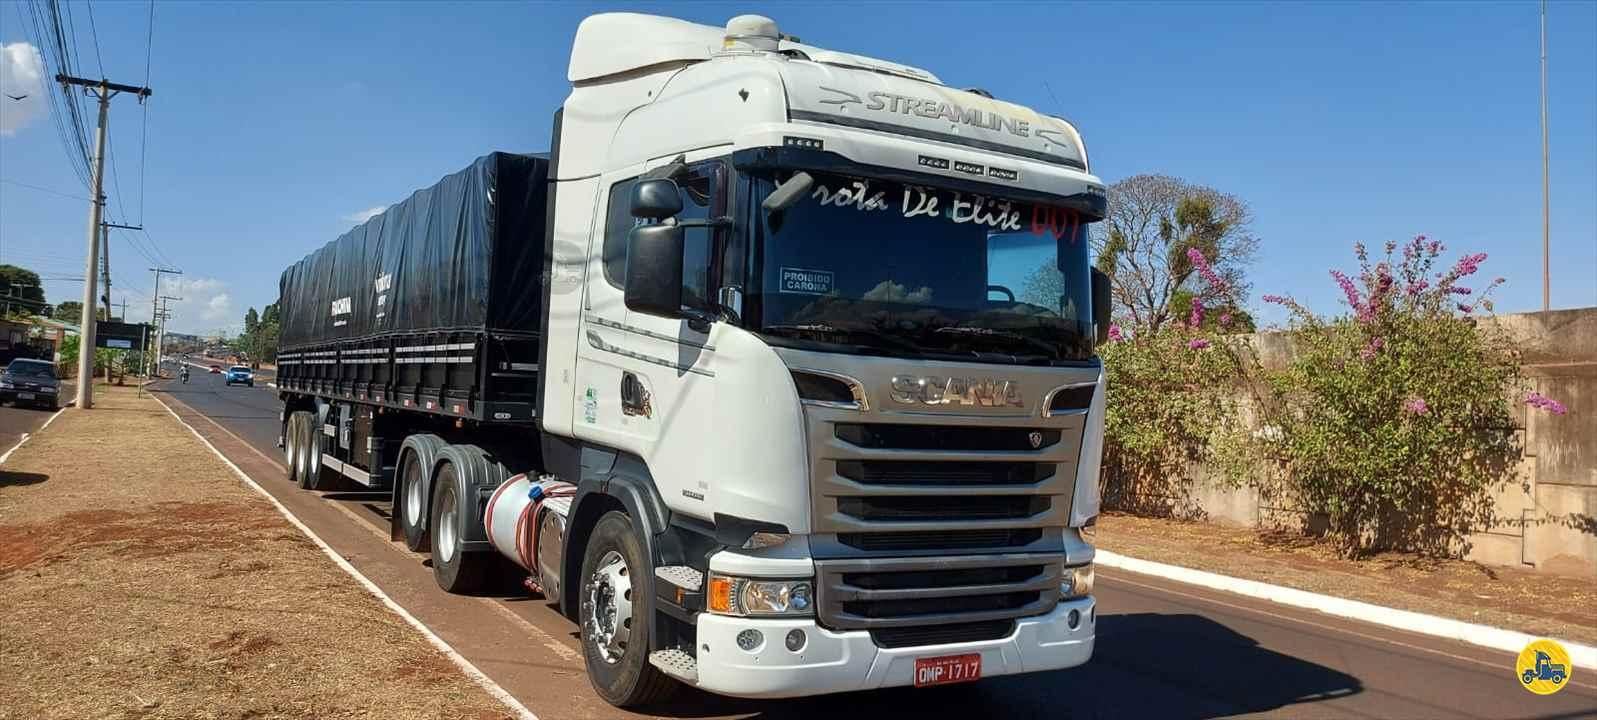 CAMINHAO SCANIA SCANIA 440 Cavalo Mecânico Truck 6x2 André Caminhões RIO VERDE GOIAS GO